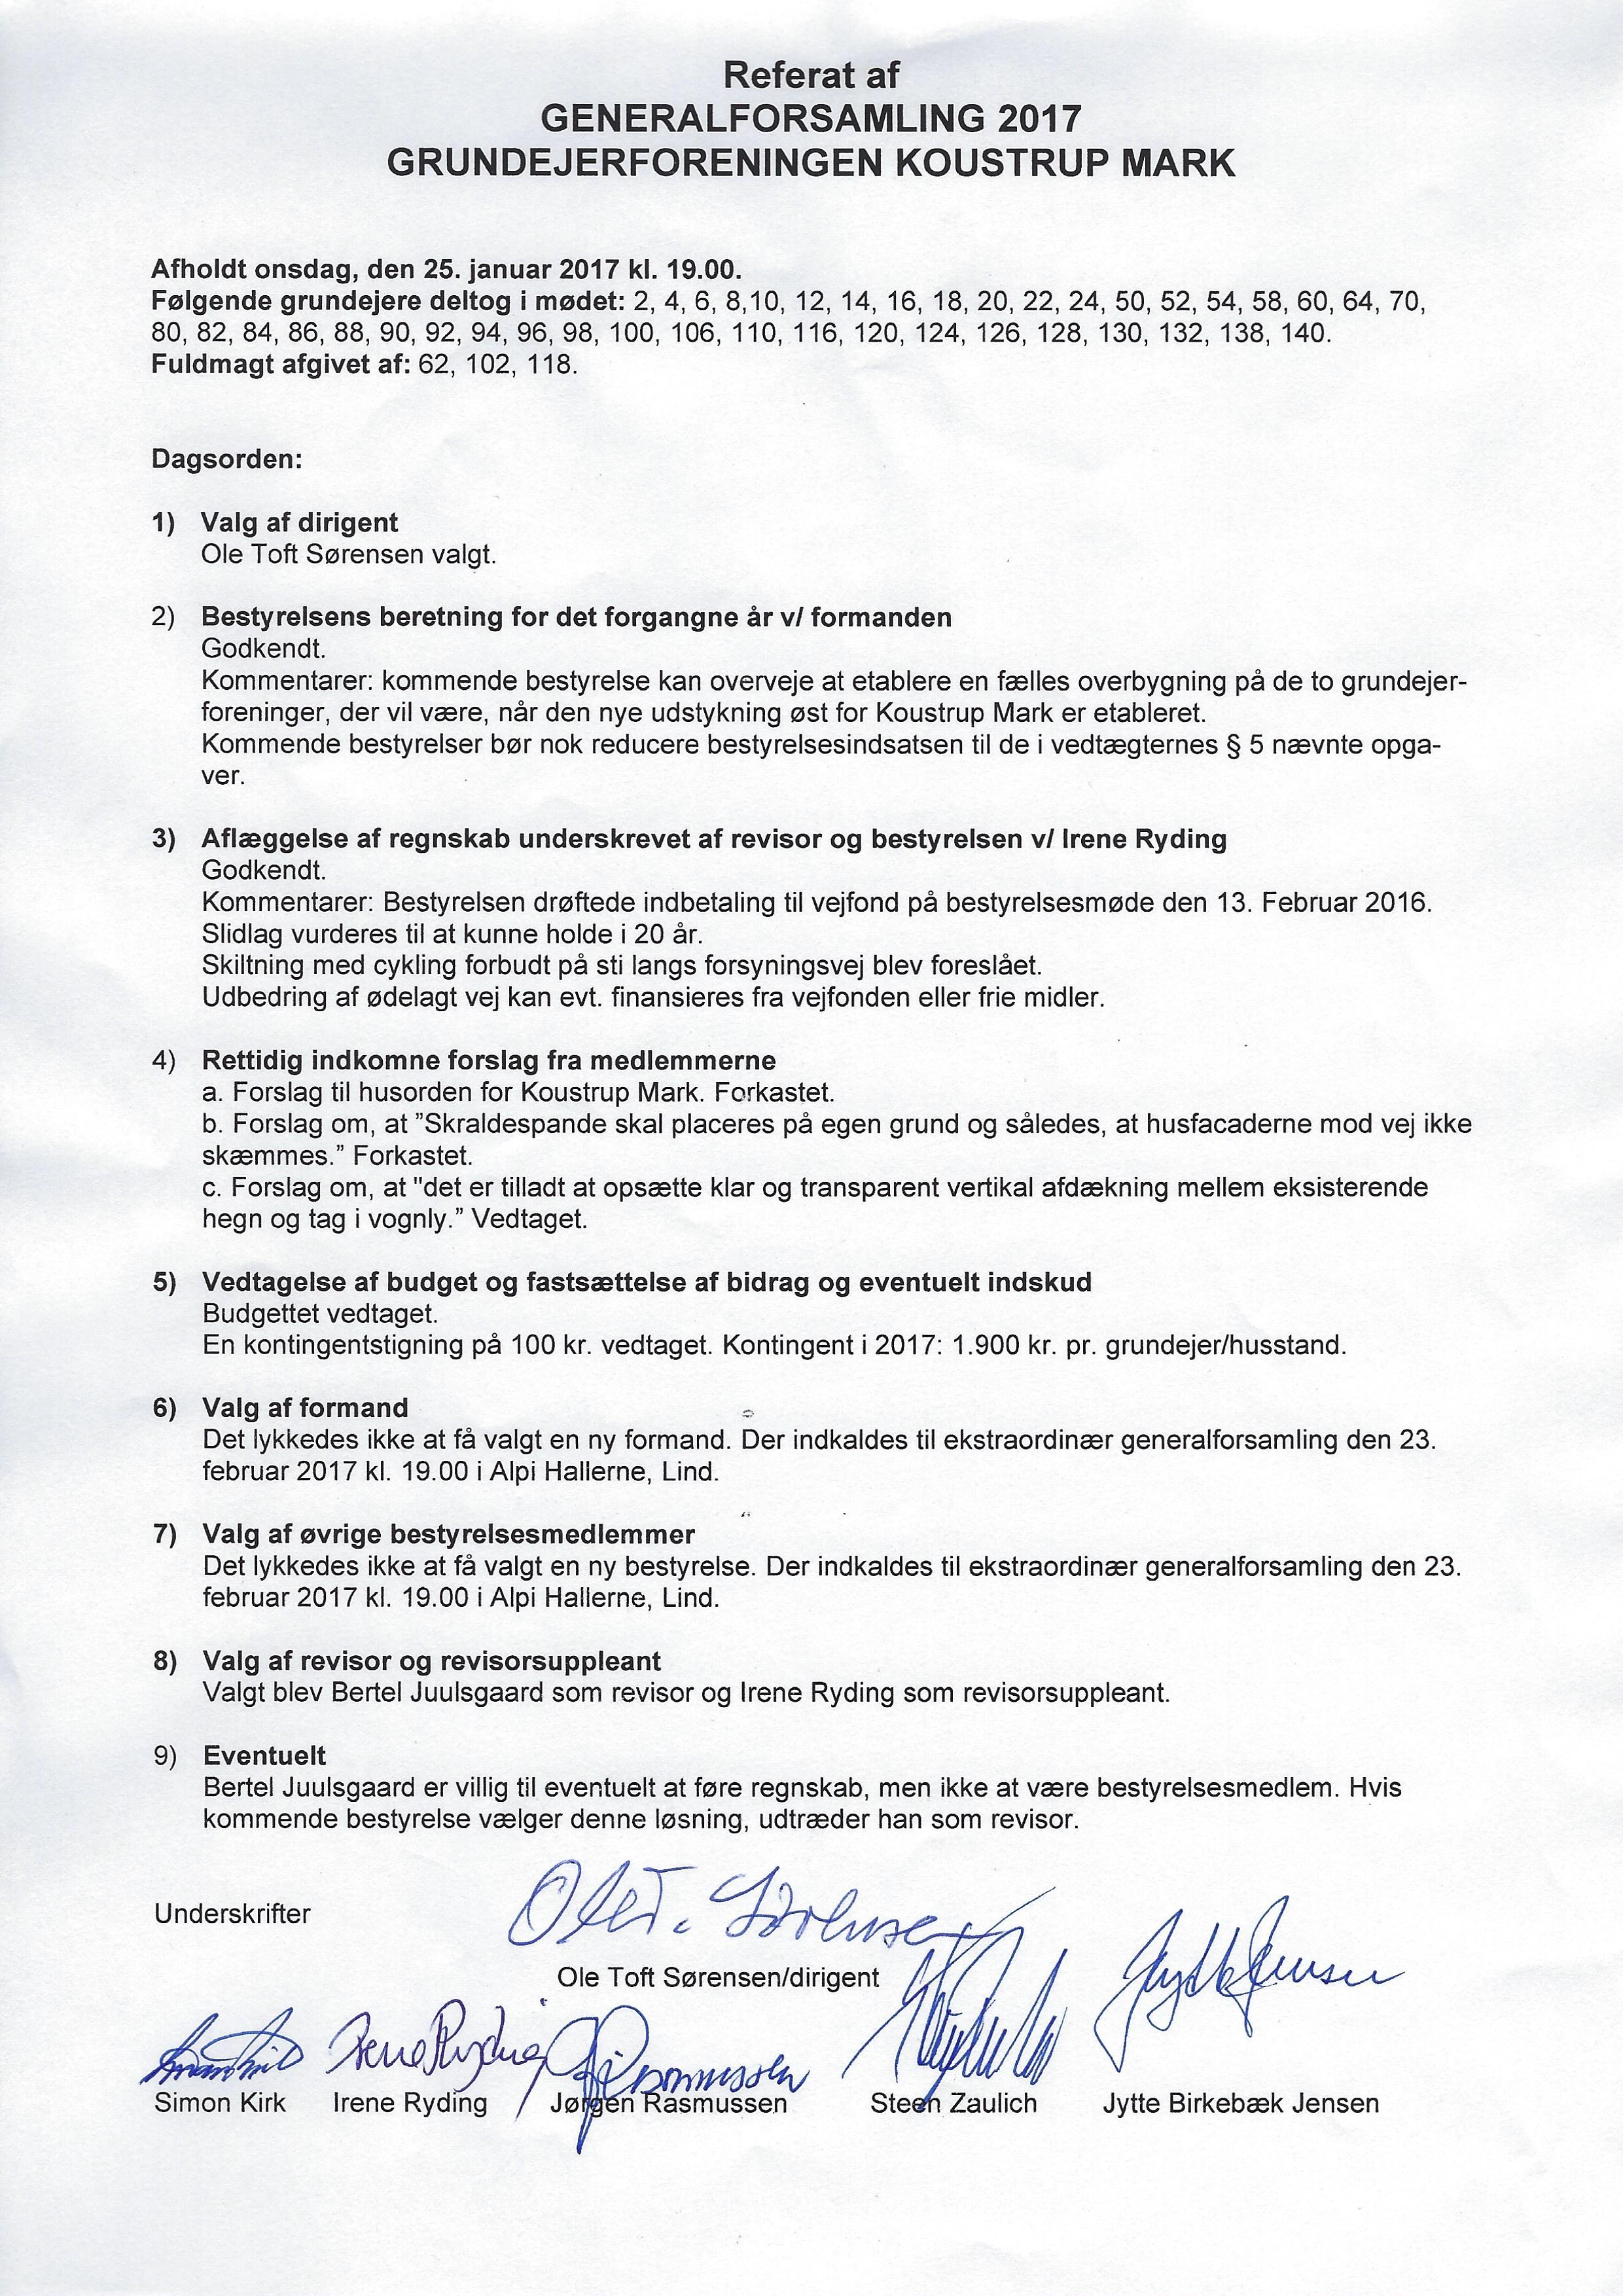 Comfortable Resume Af Bogen 1 2 3 Nu Images - Entry Level Resume ...